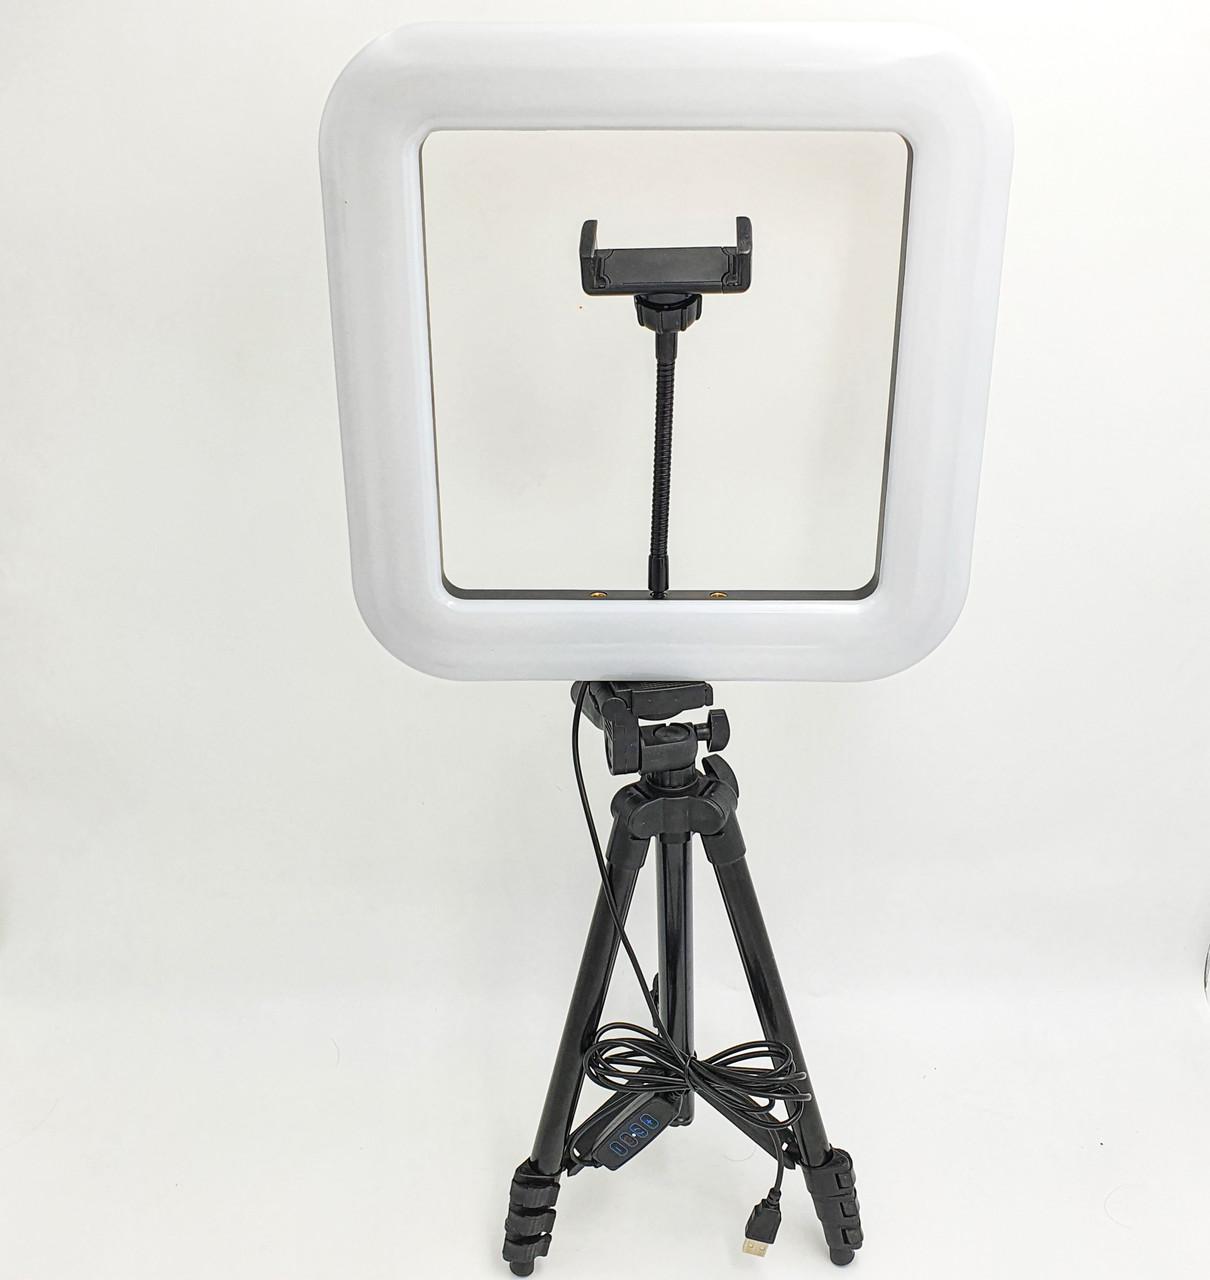 Набор блогера 2в1 квадратная LED лампа 28 см 34W с держателем телефона и штатив 102 см селфи кольцо